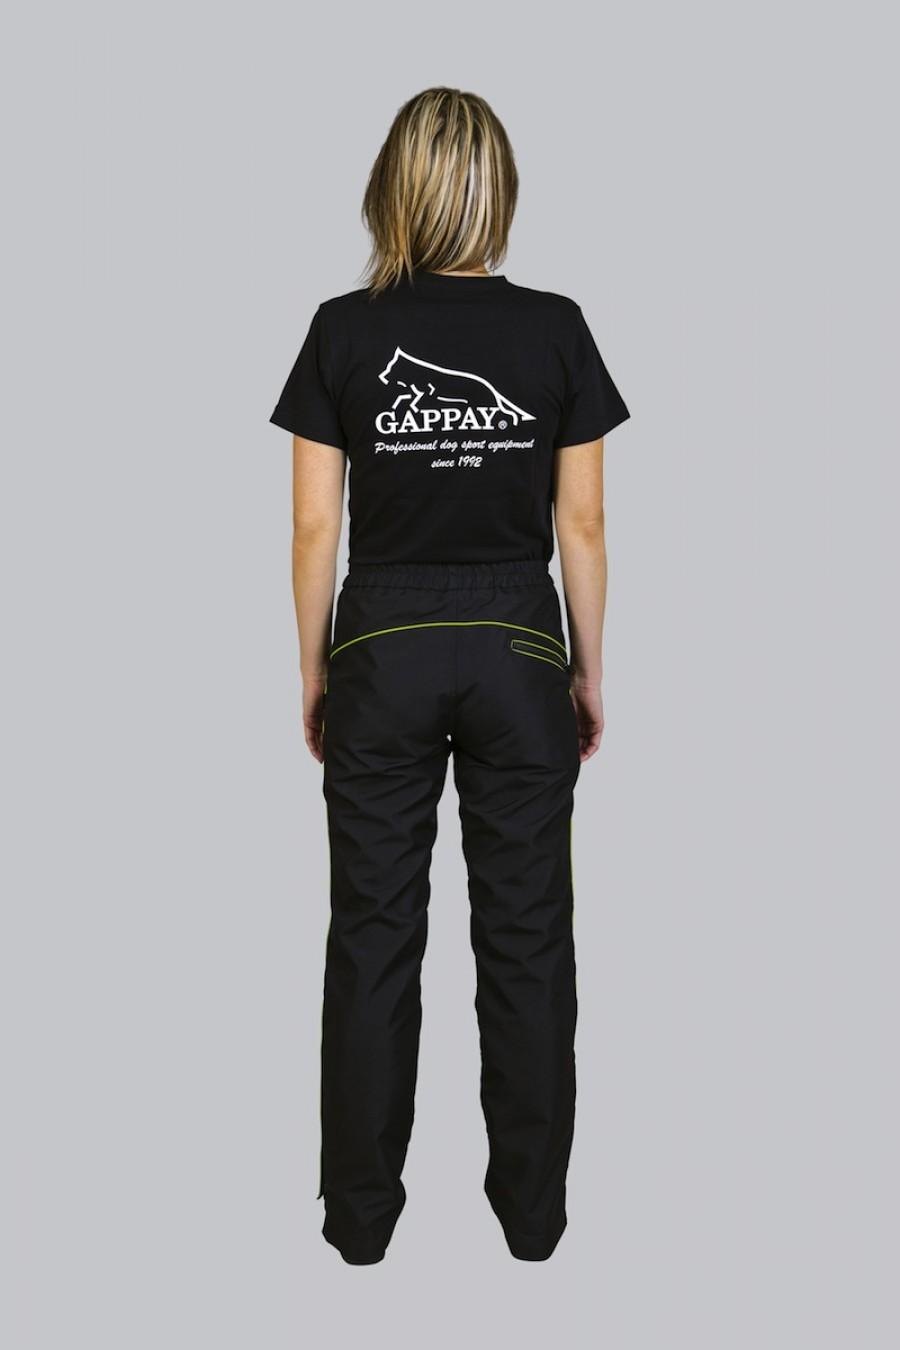 výcvikové kalhot Gappay